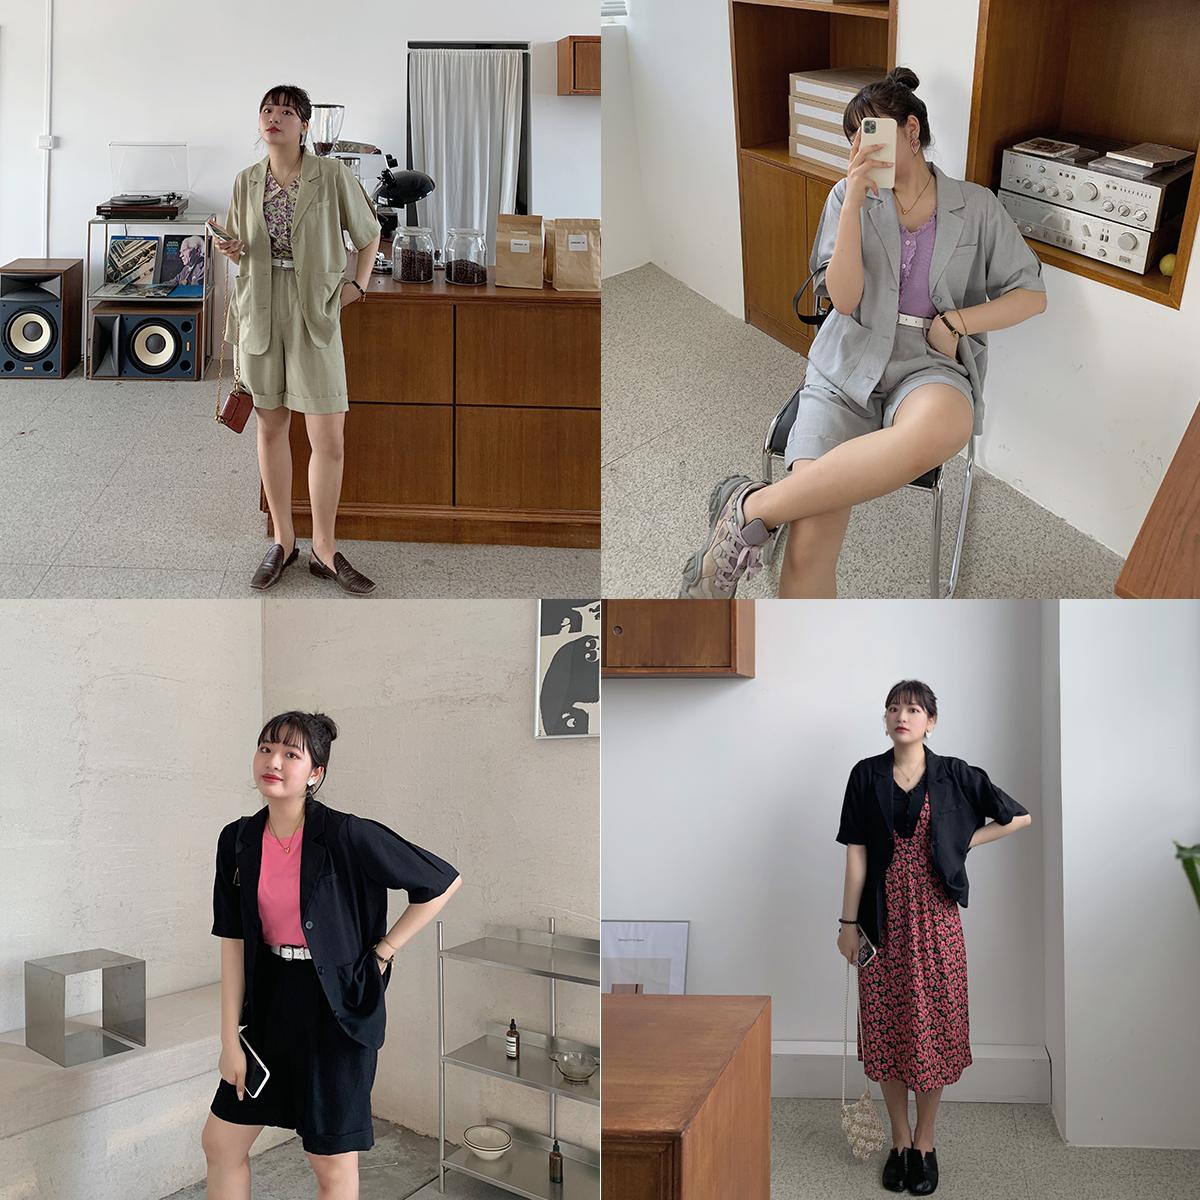 2020年新款赫本轻熟风棉麻短裤西装套装女洋气休闲时尚大码两件套